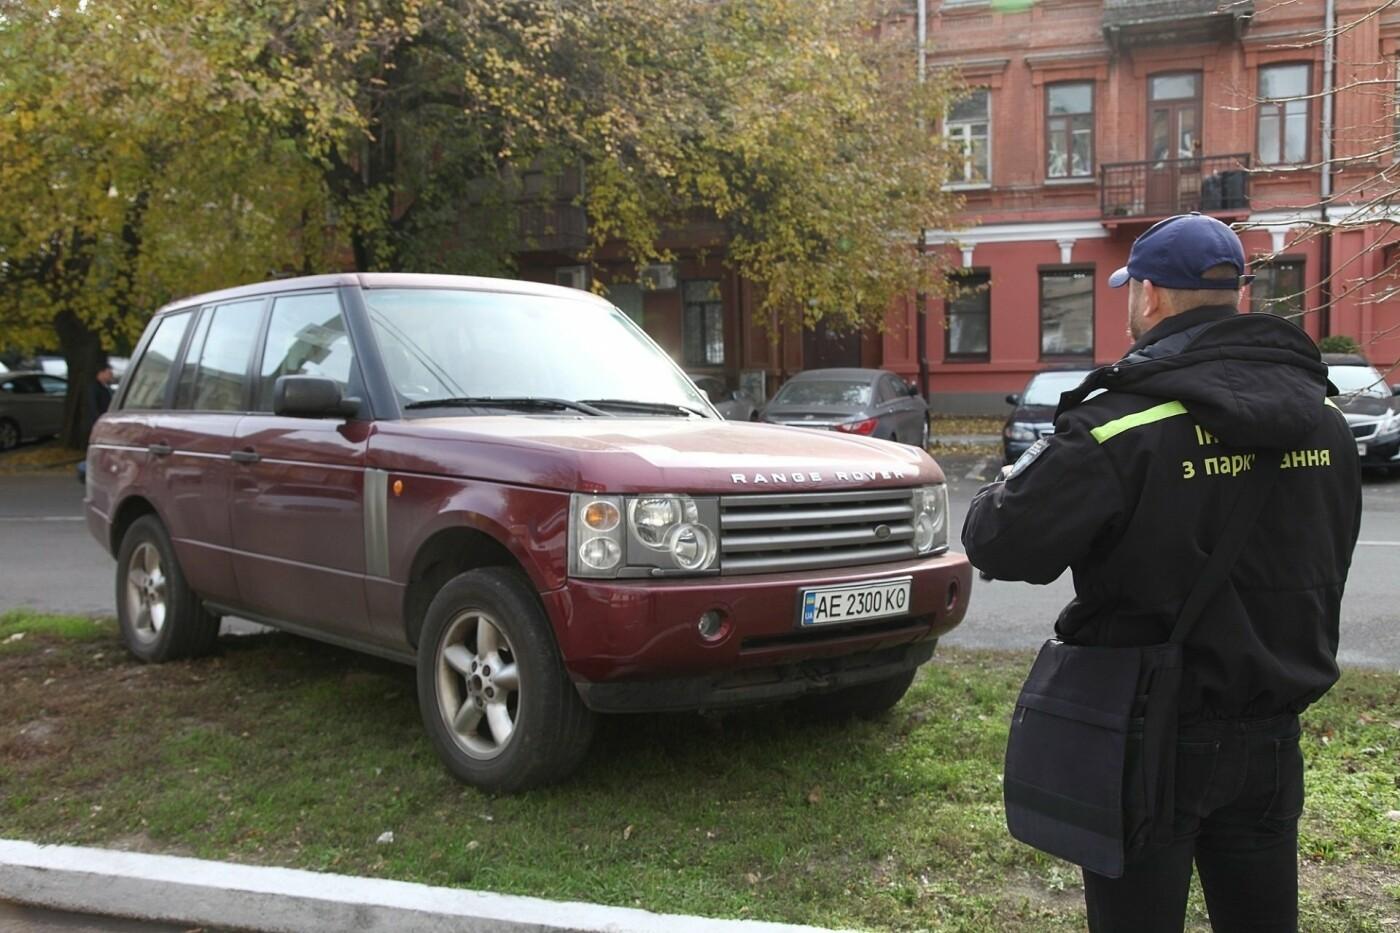 Водители реагируют эмоционально: как в Днепре эвакуируют автомобили, - ФОТО, фото-4